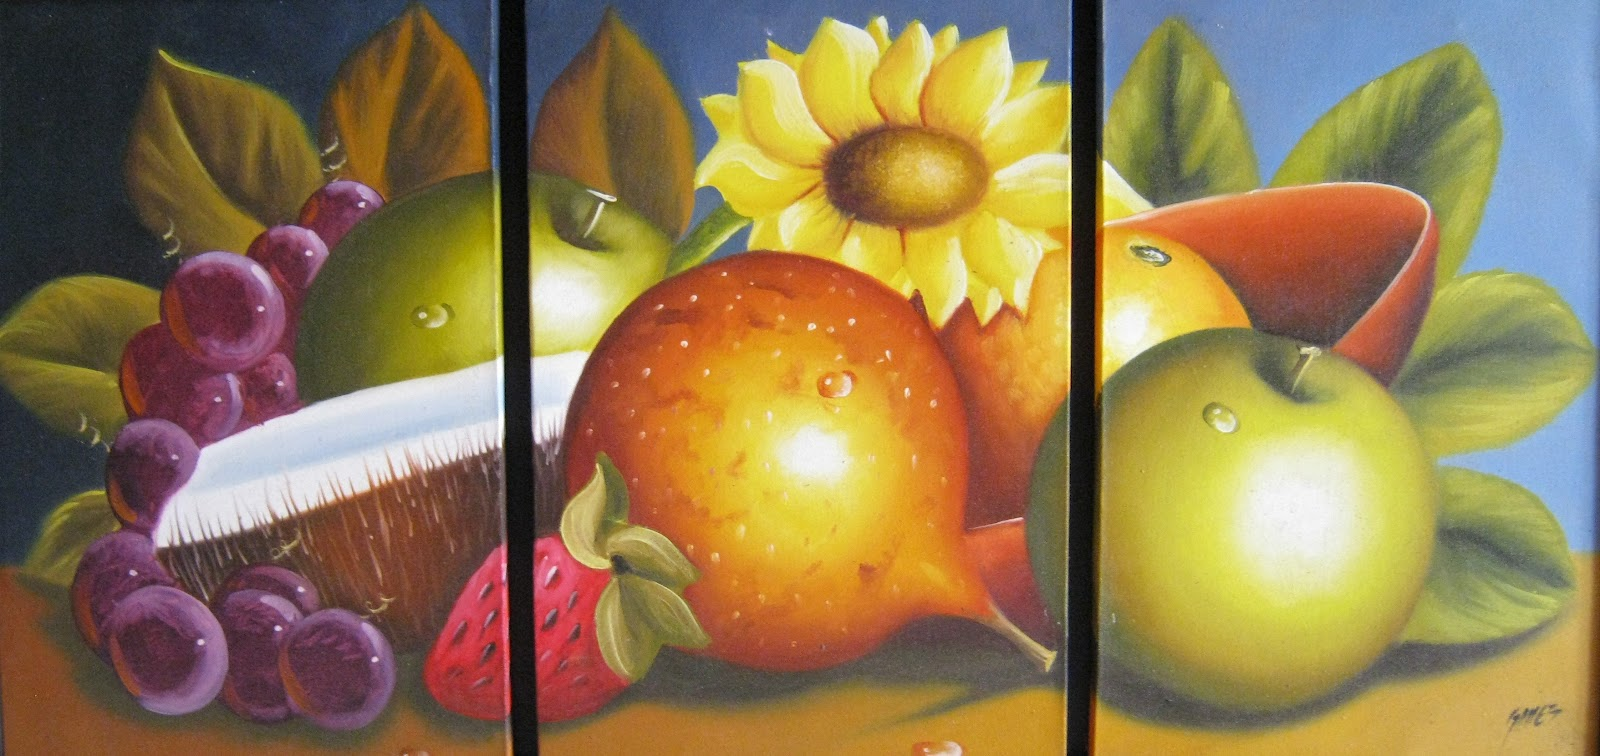 de frutas colombianas pintadas al oleo cuadros tripticos de bodegones